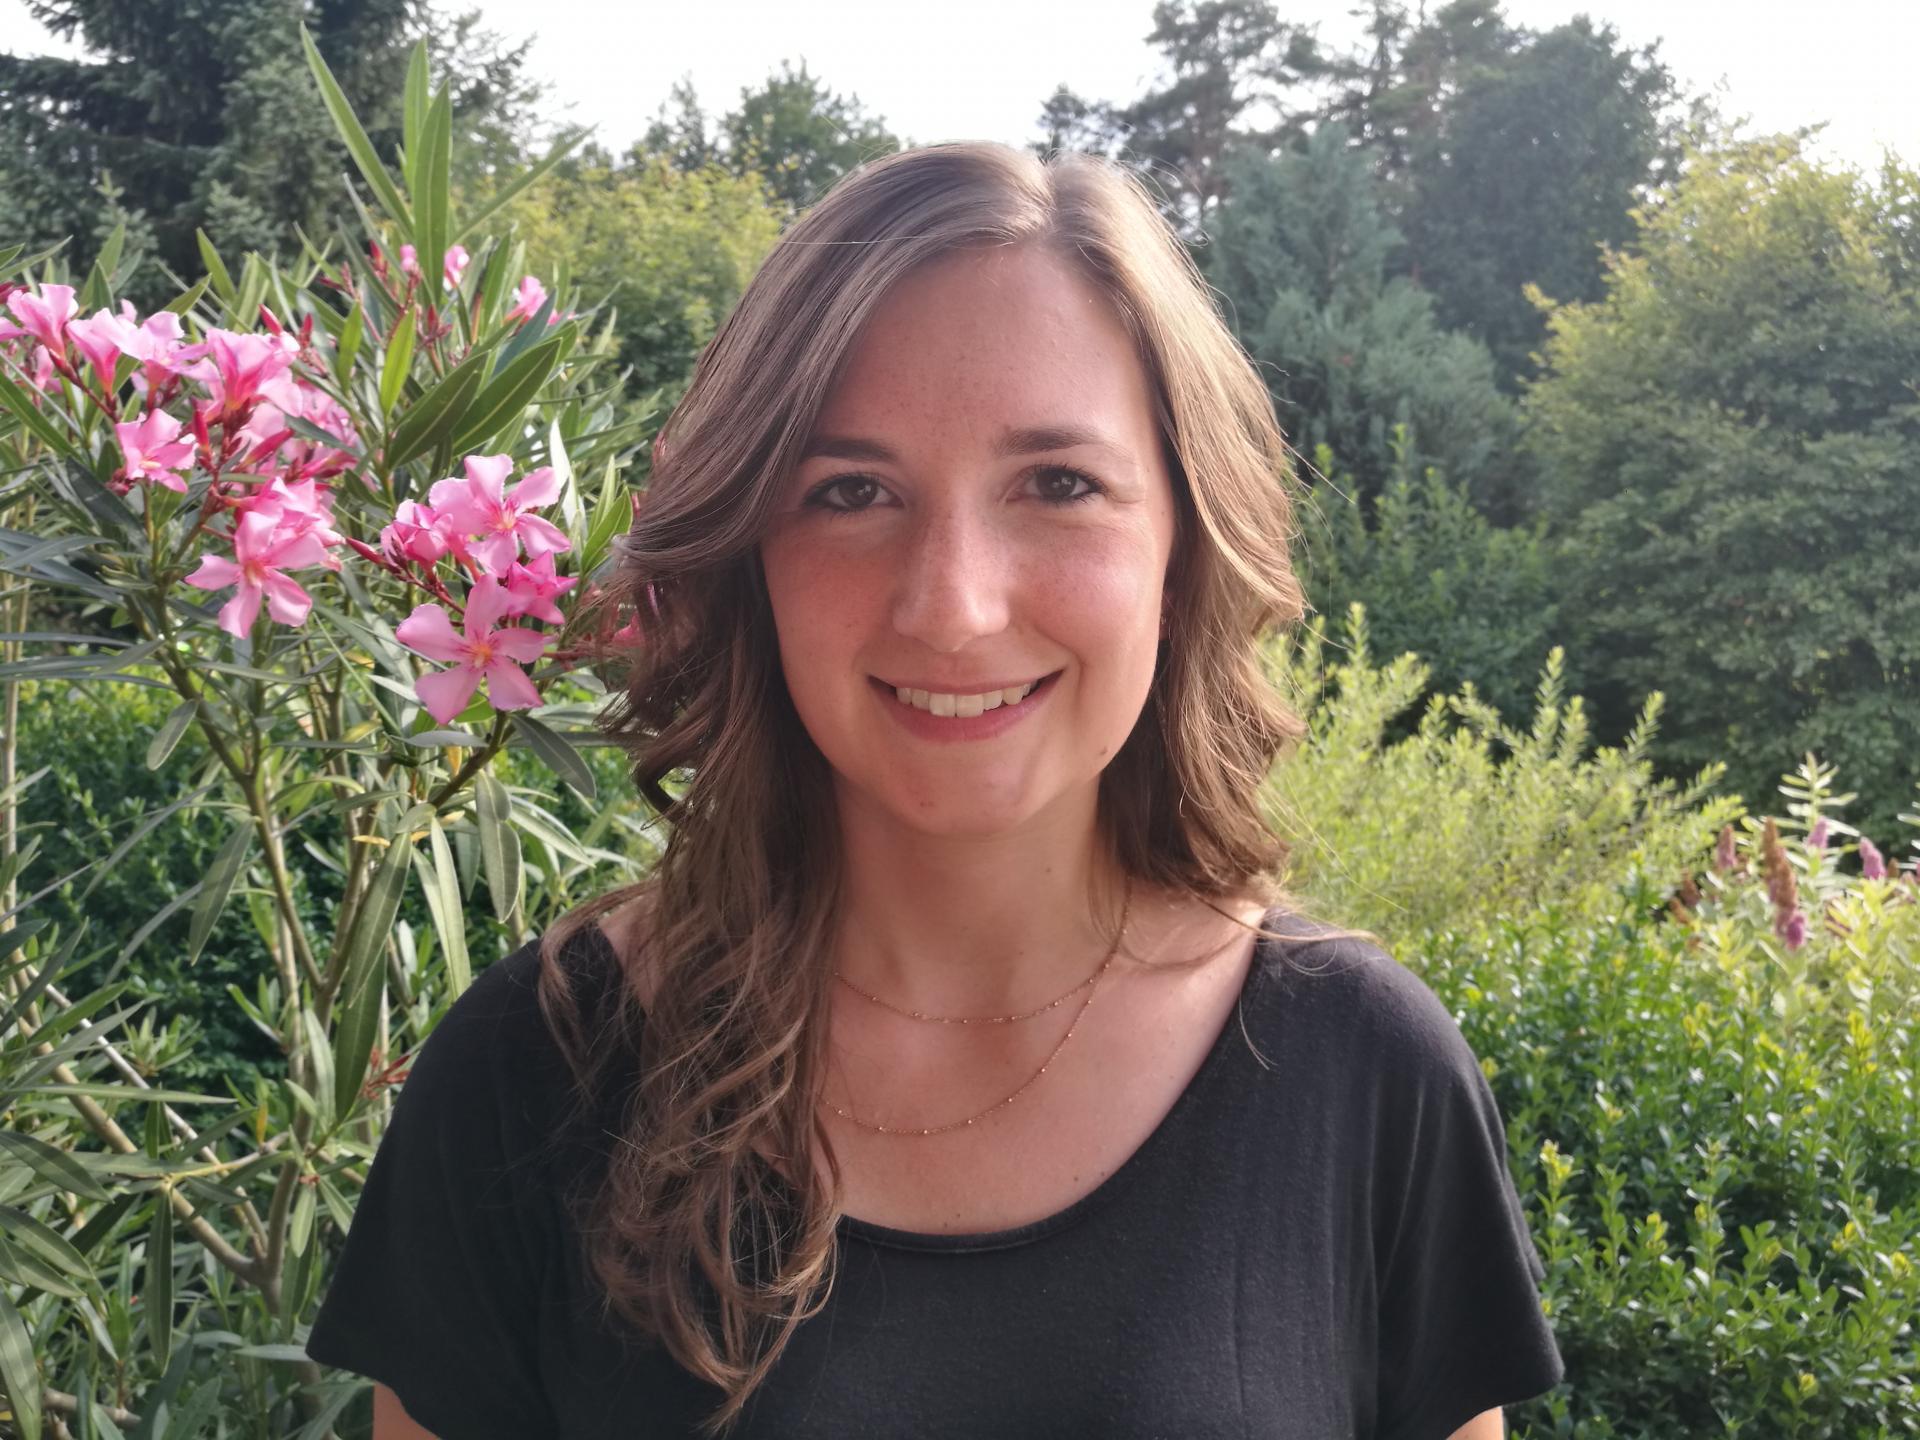 Verena Engelhardt